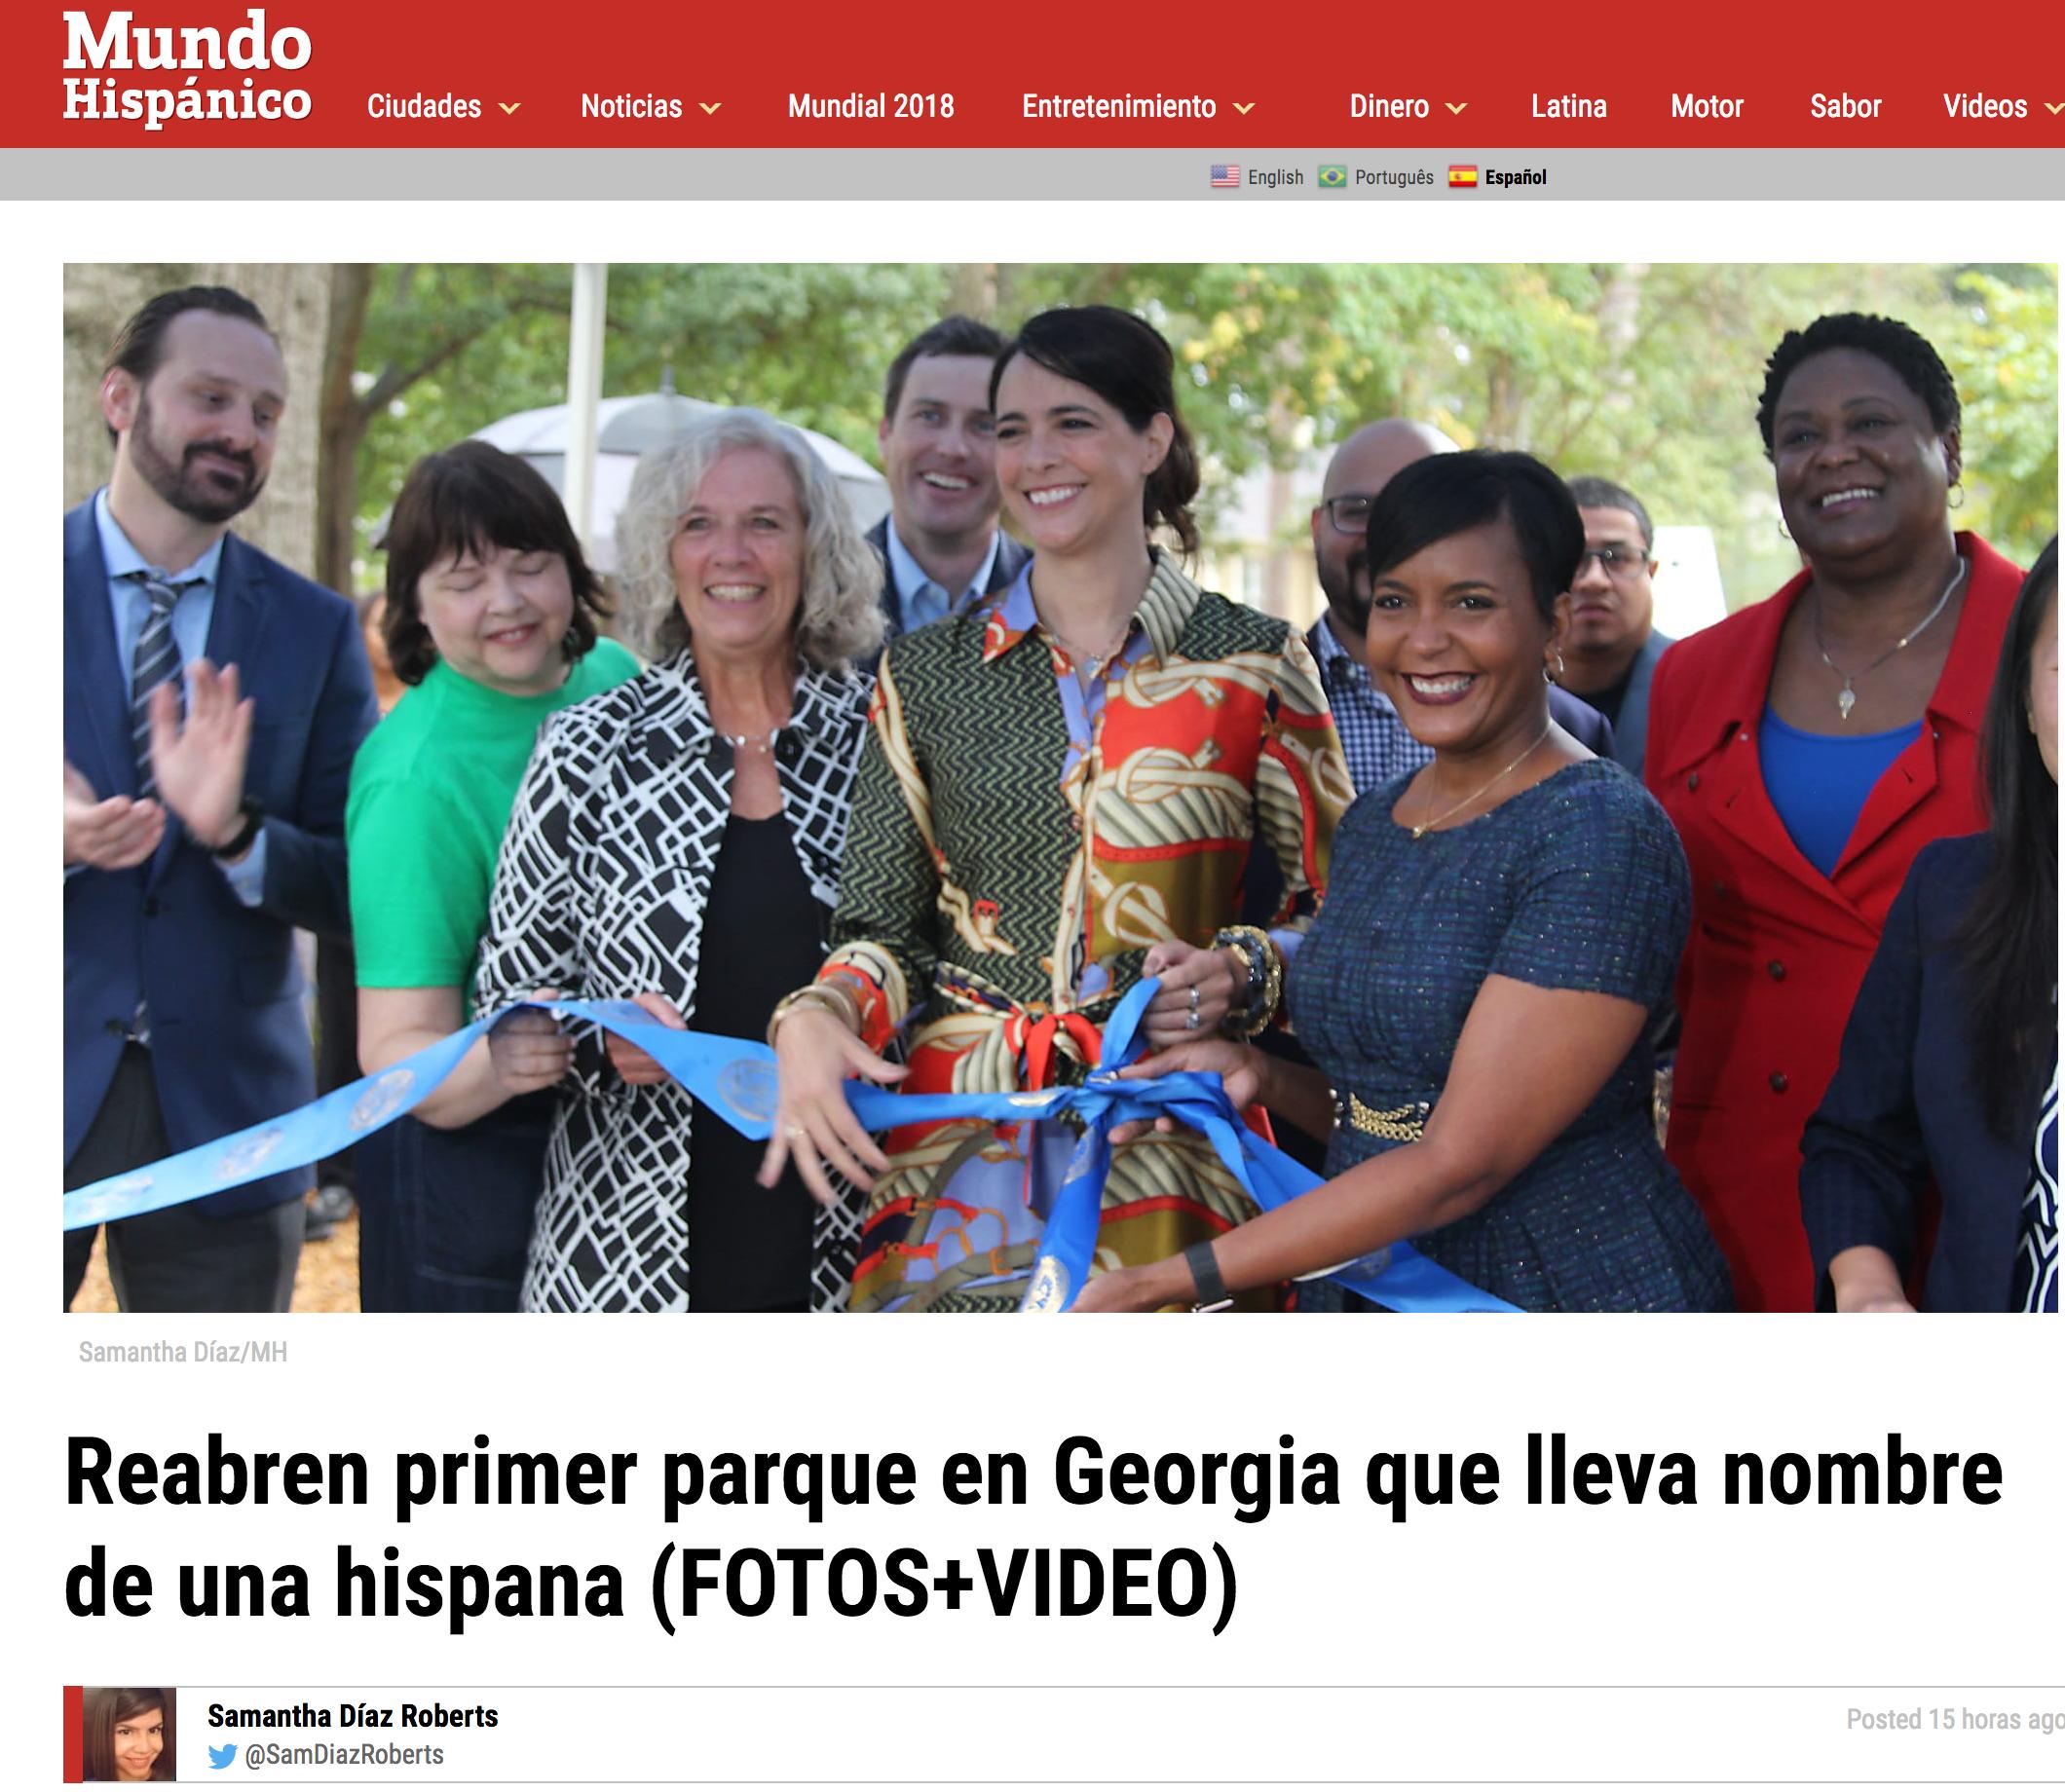 Reabren primer parque en Georgia que lleva nombre de una hispana , October, 2018, Mundo Hispánico